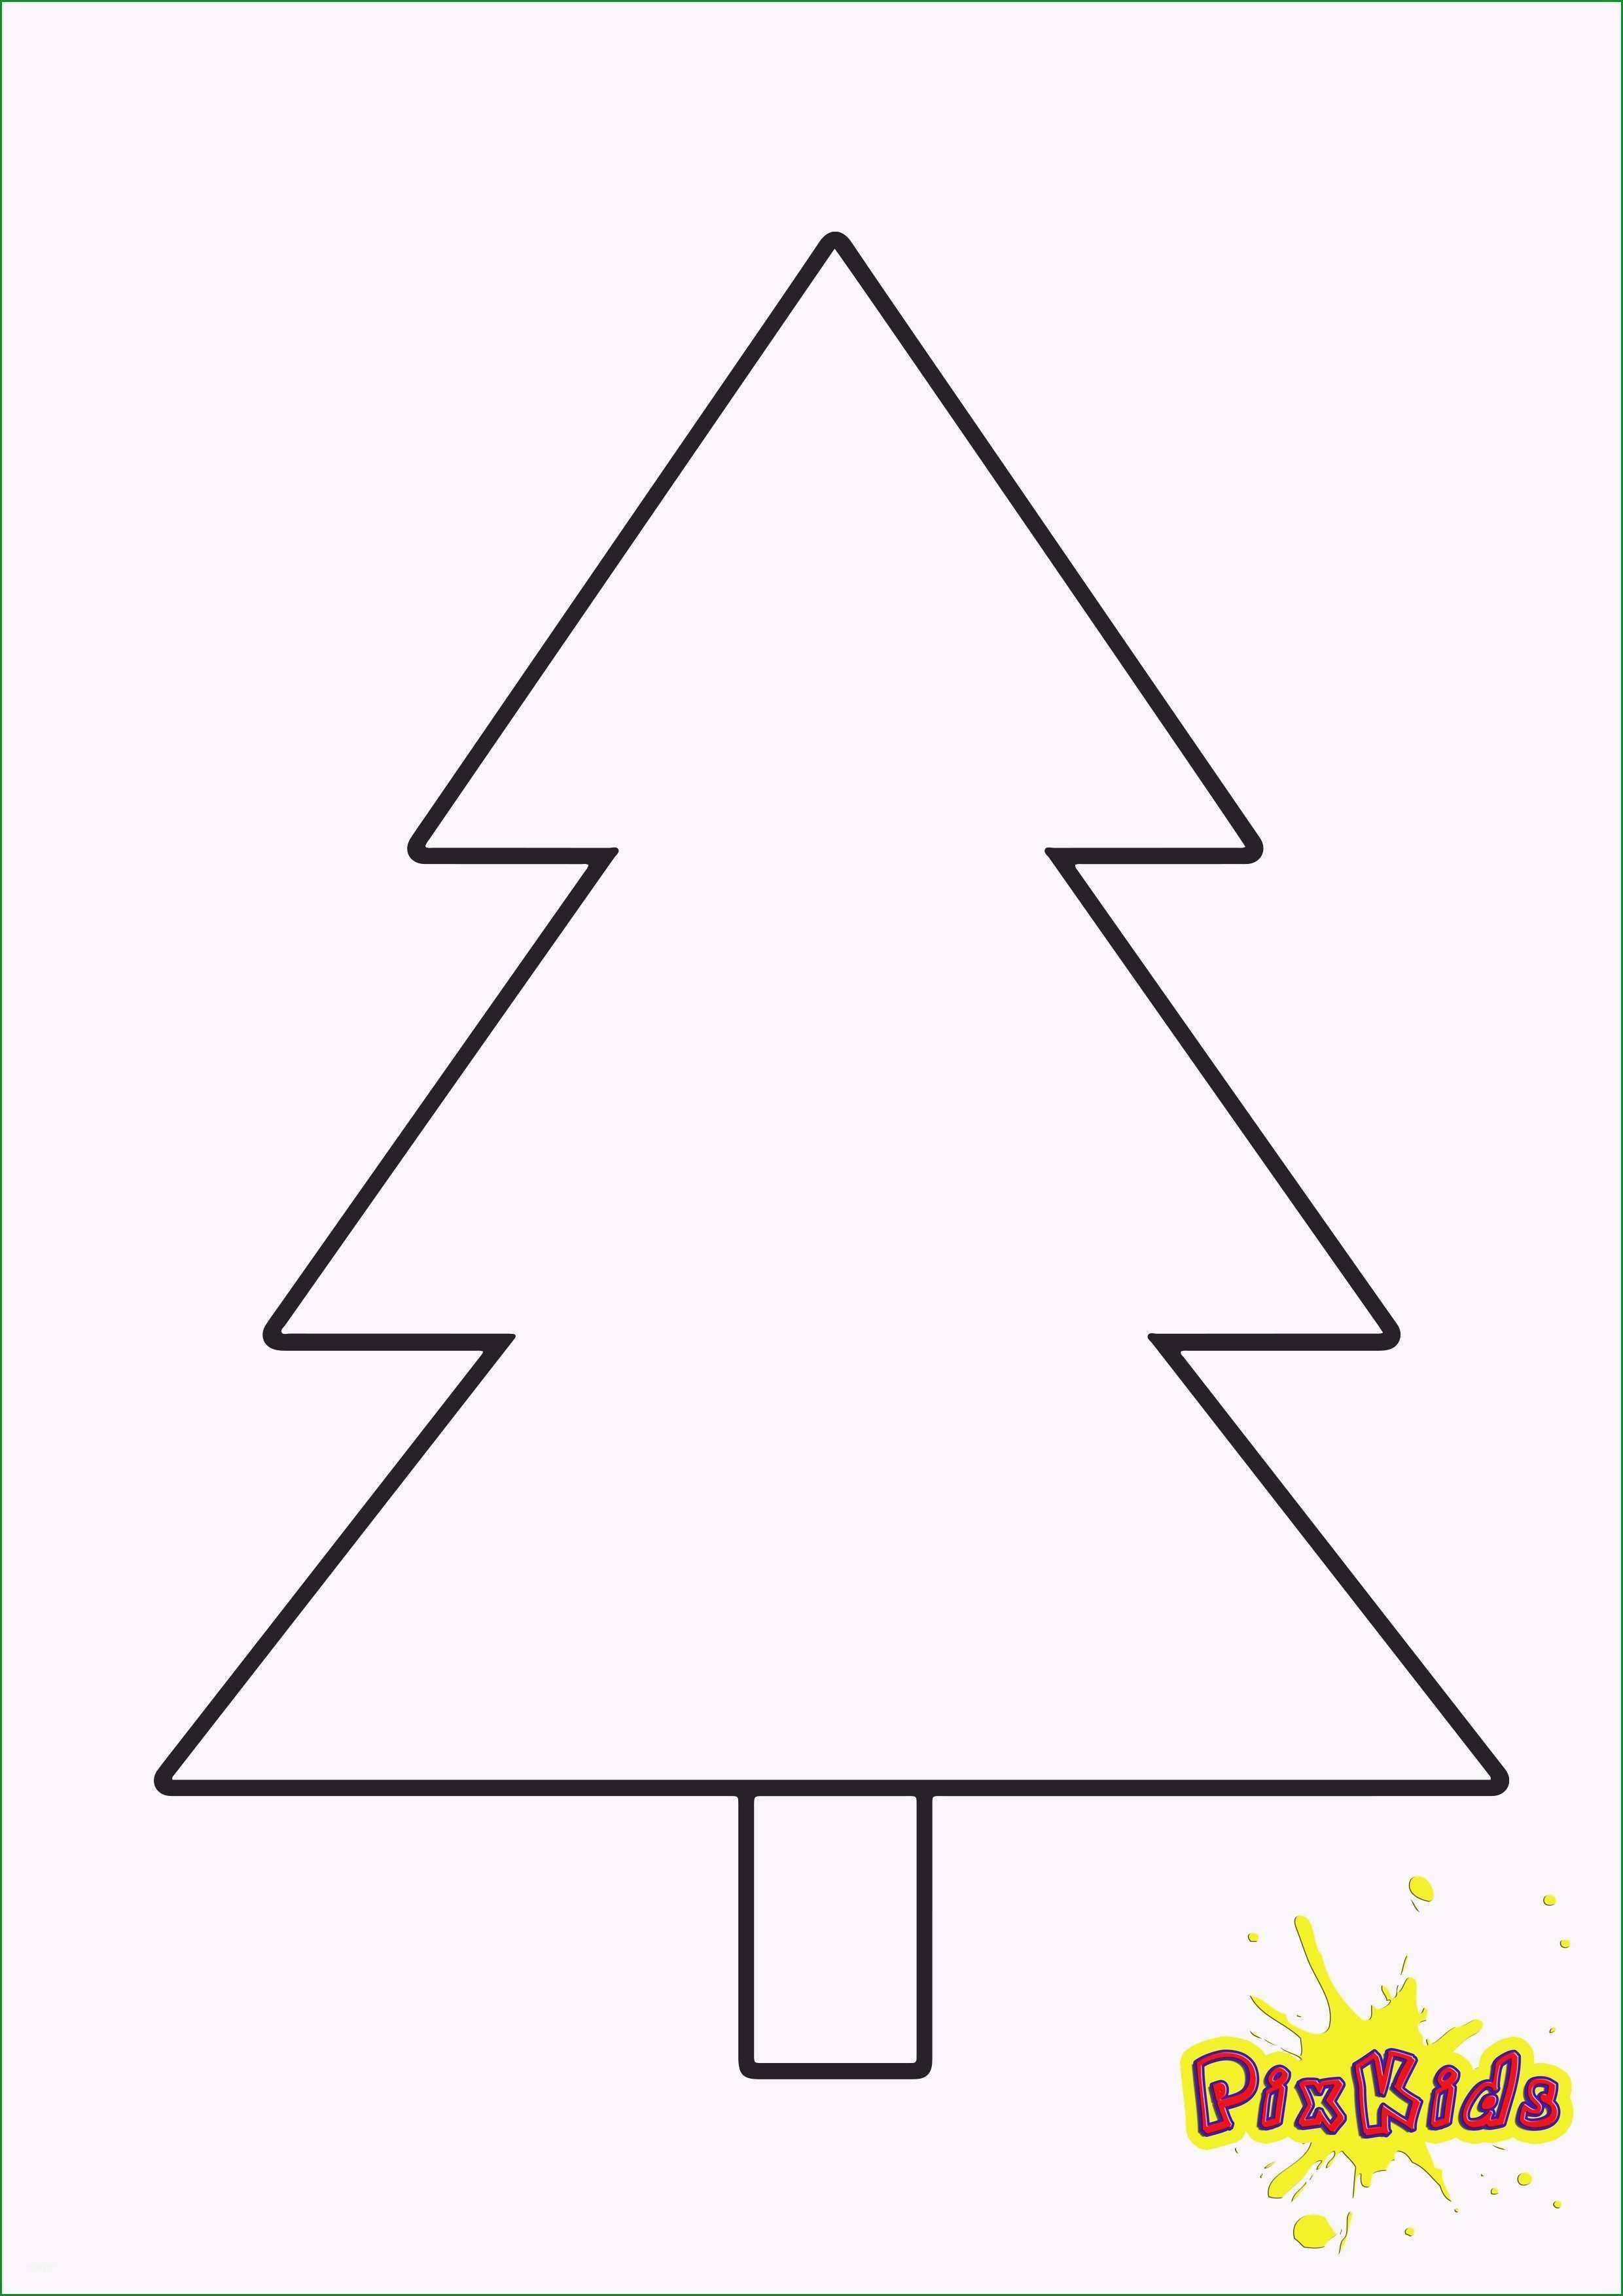 schon tannenbaum vorlage zum ausdrucken design fur scherenschnitt uber tannenbaum vorlage zum ausdrucken